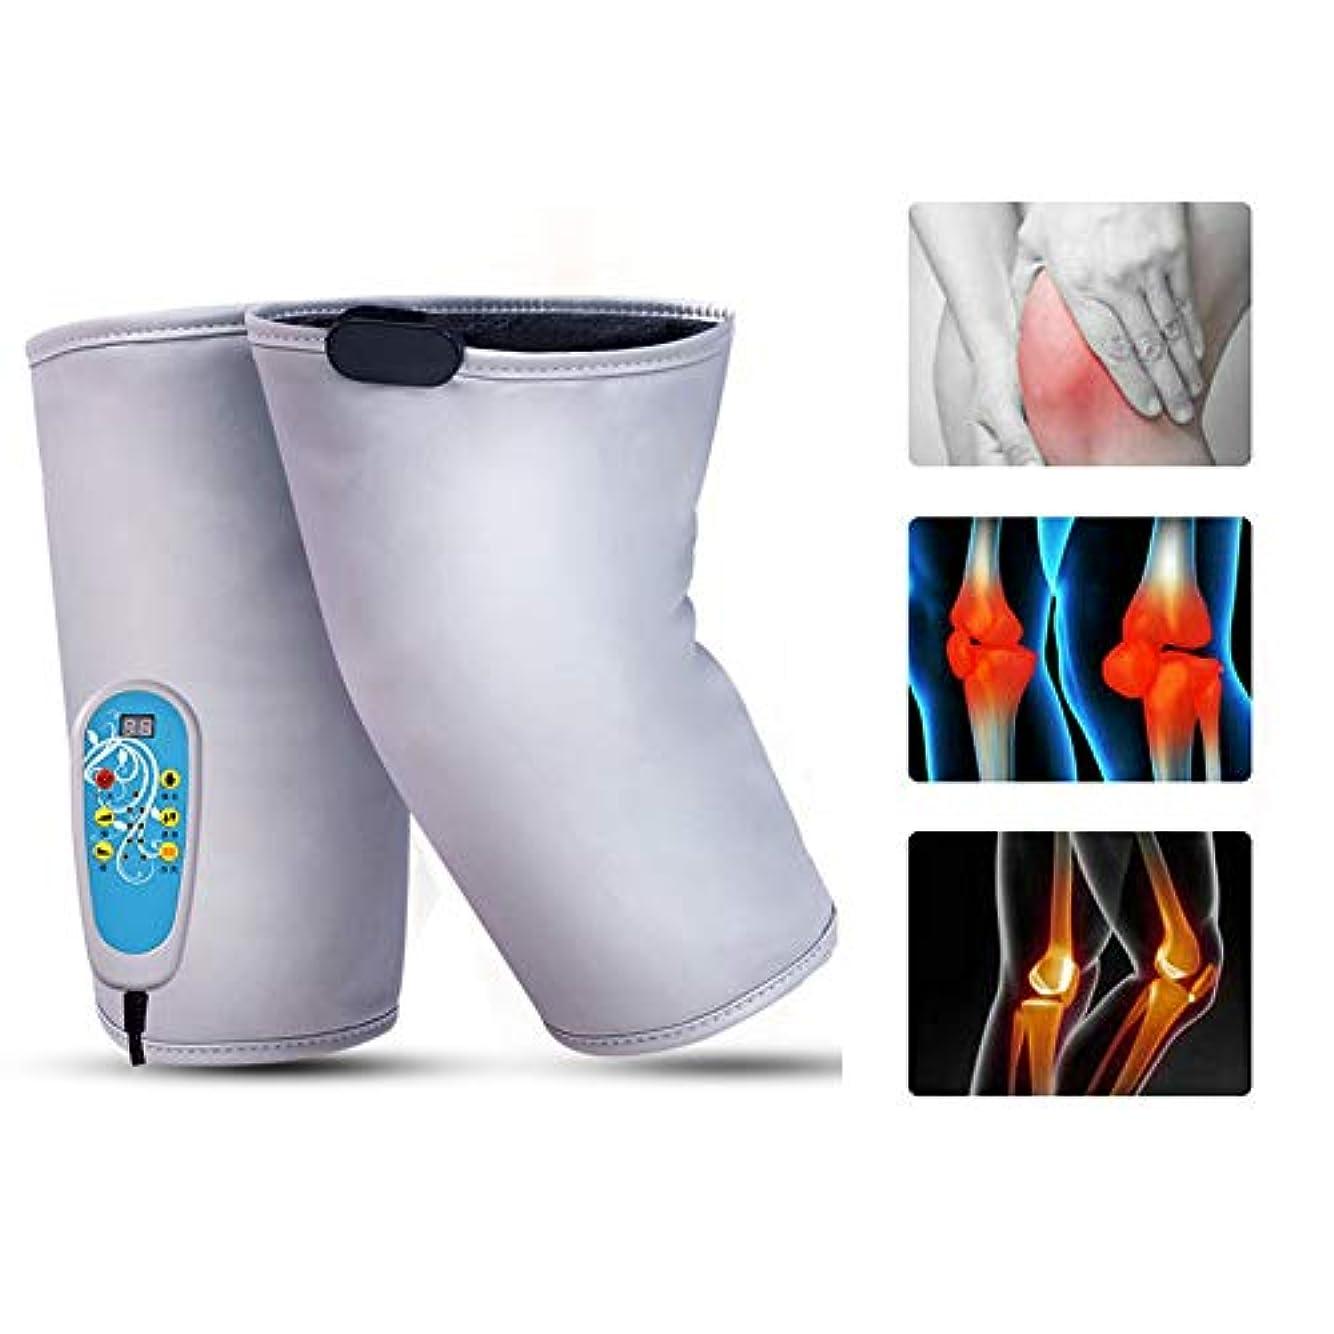 水を飲む水っぽい混乱させる暖房膝装具サポート1対加熱膝パッドウォームラップ - 膝のけが、痛みを軽減するための9マッサージモードのセラピーマッサージャー